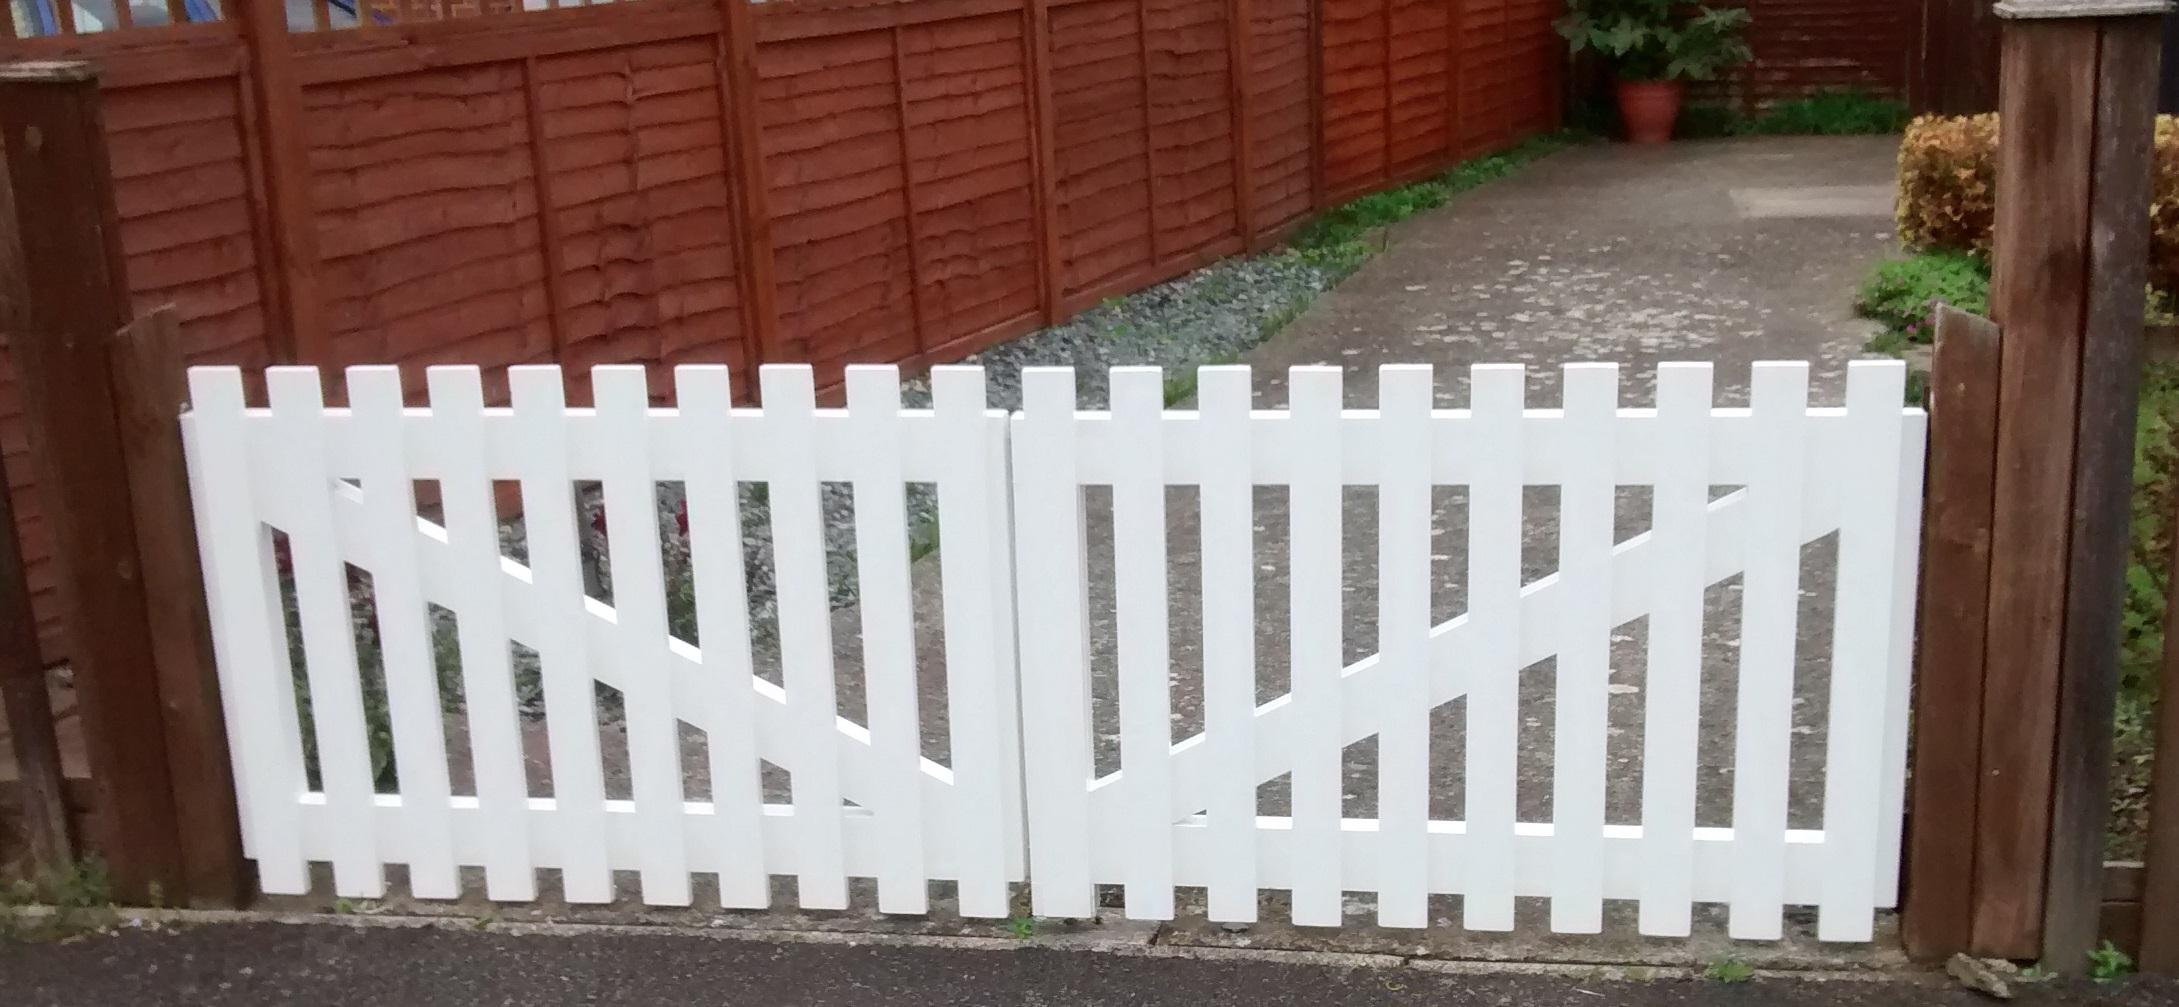 White drive gates